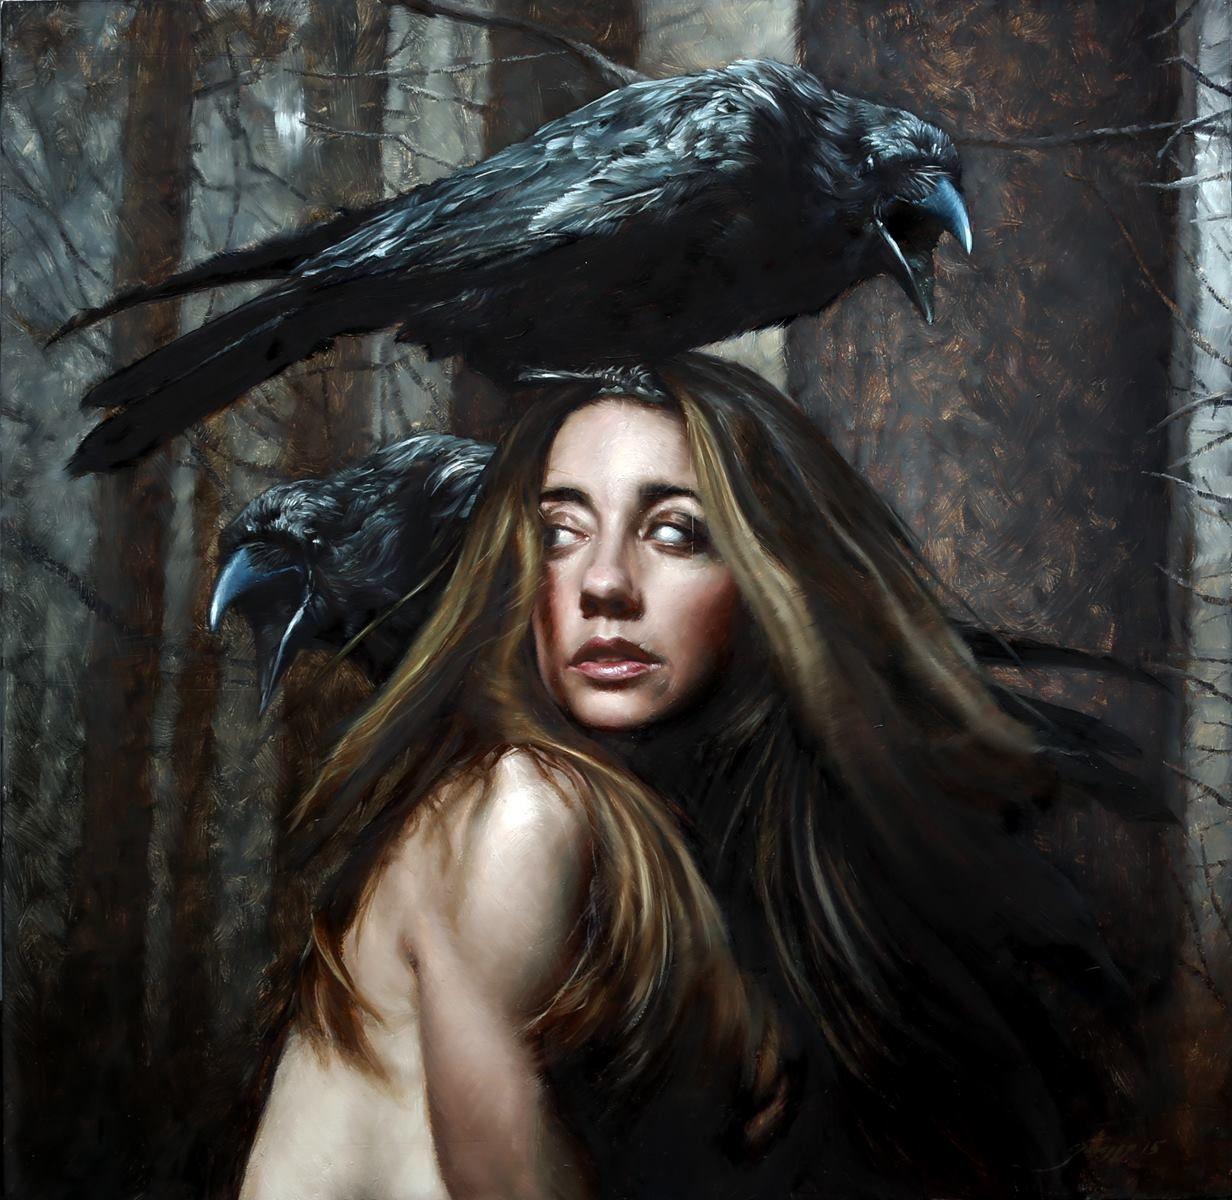 12 Hrs Grasso Woden Victor Grasso In 2019 Art Crow Art